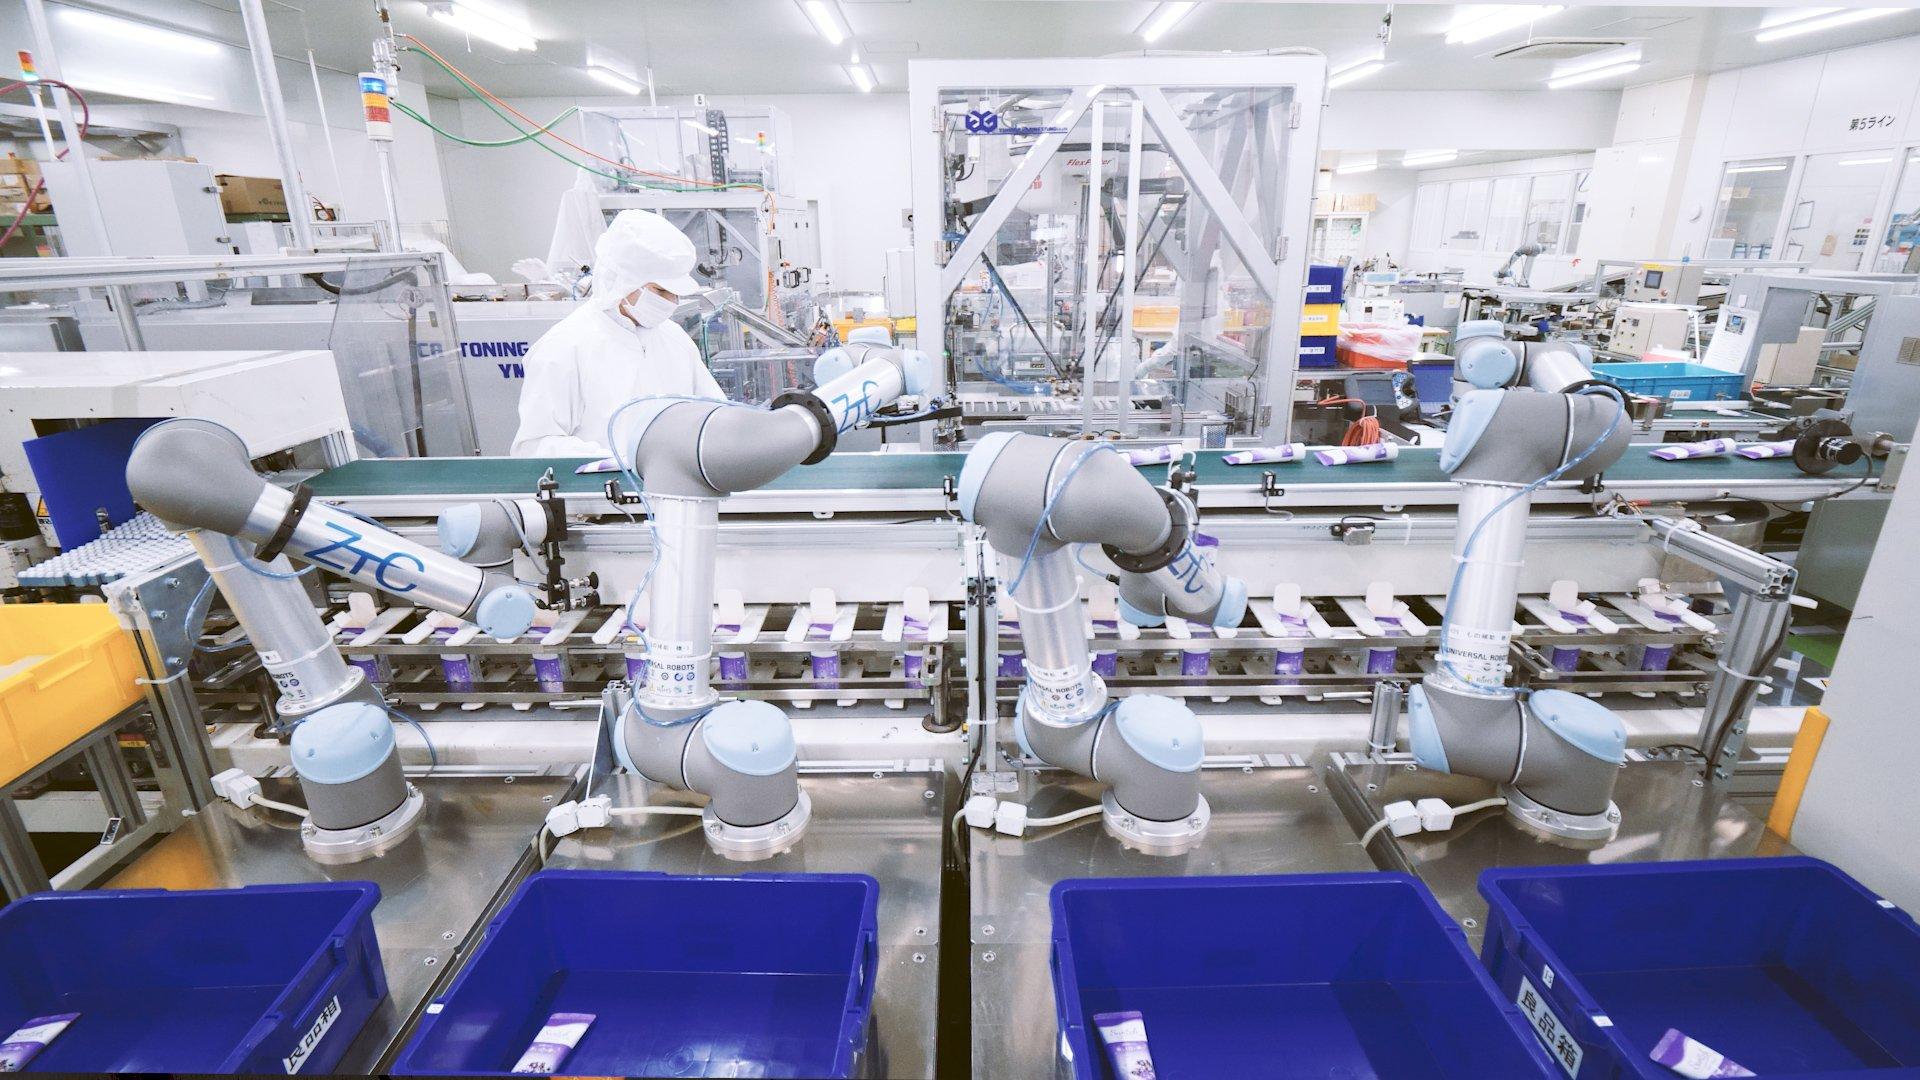 1_ 4 x UR5s at inner-box packaging line